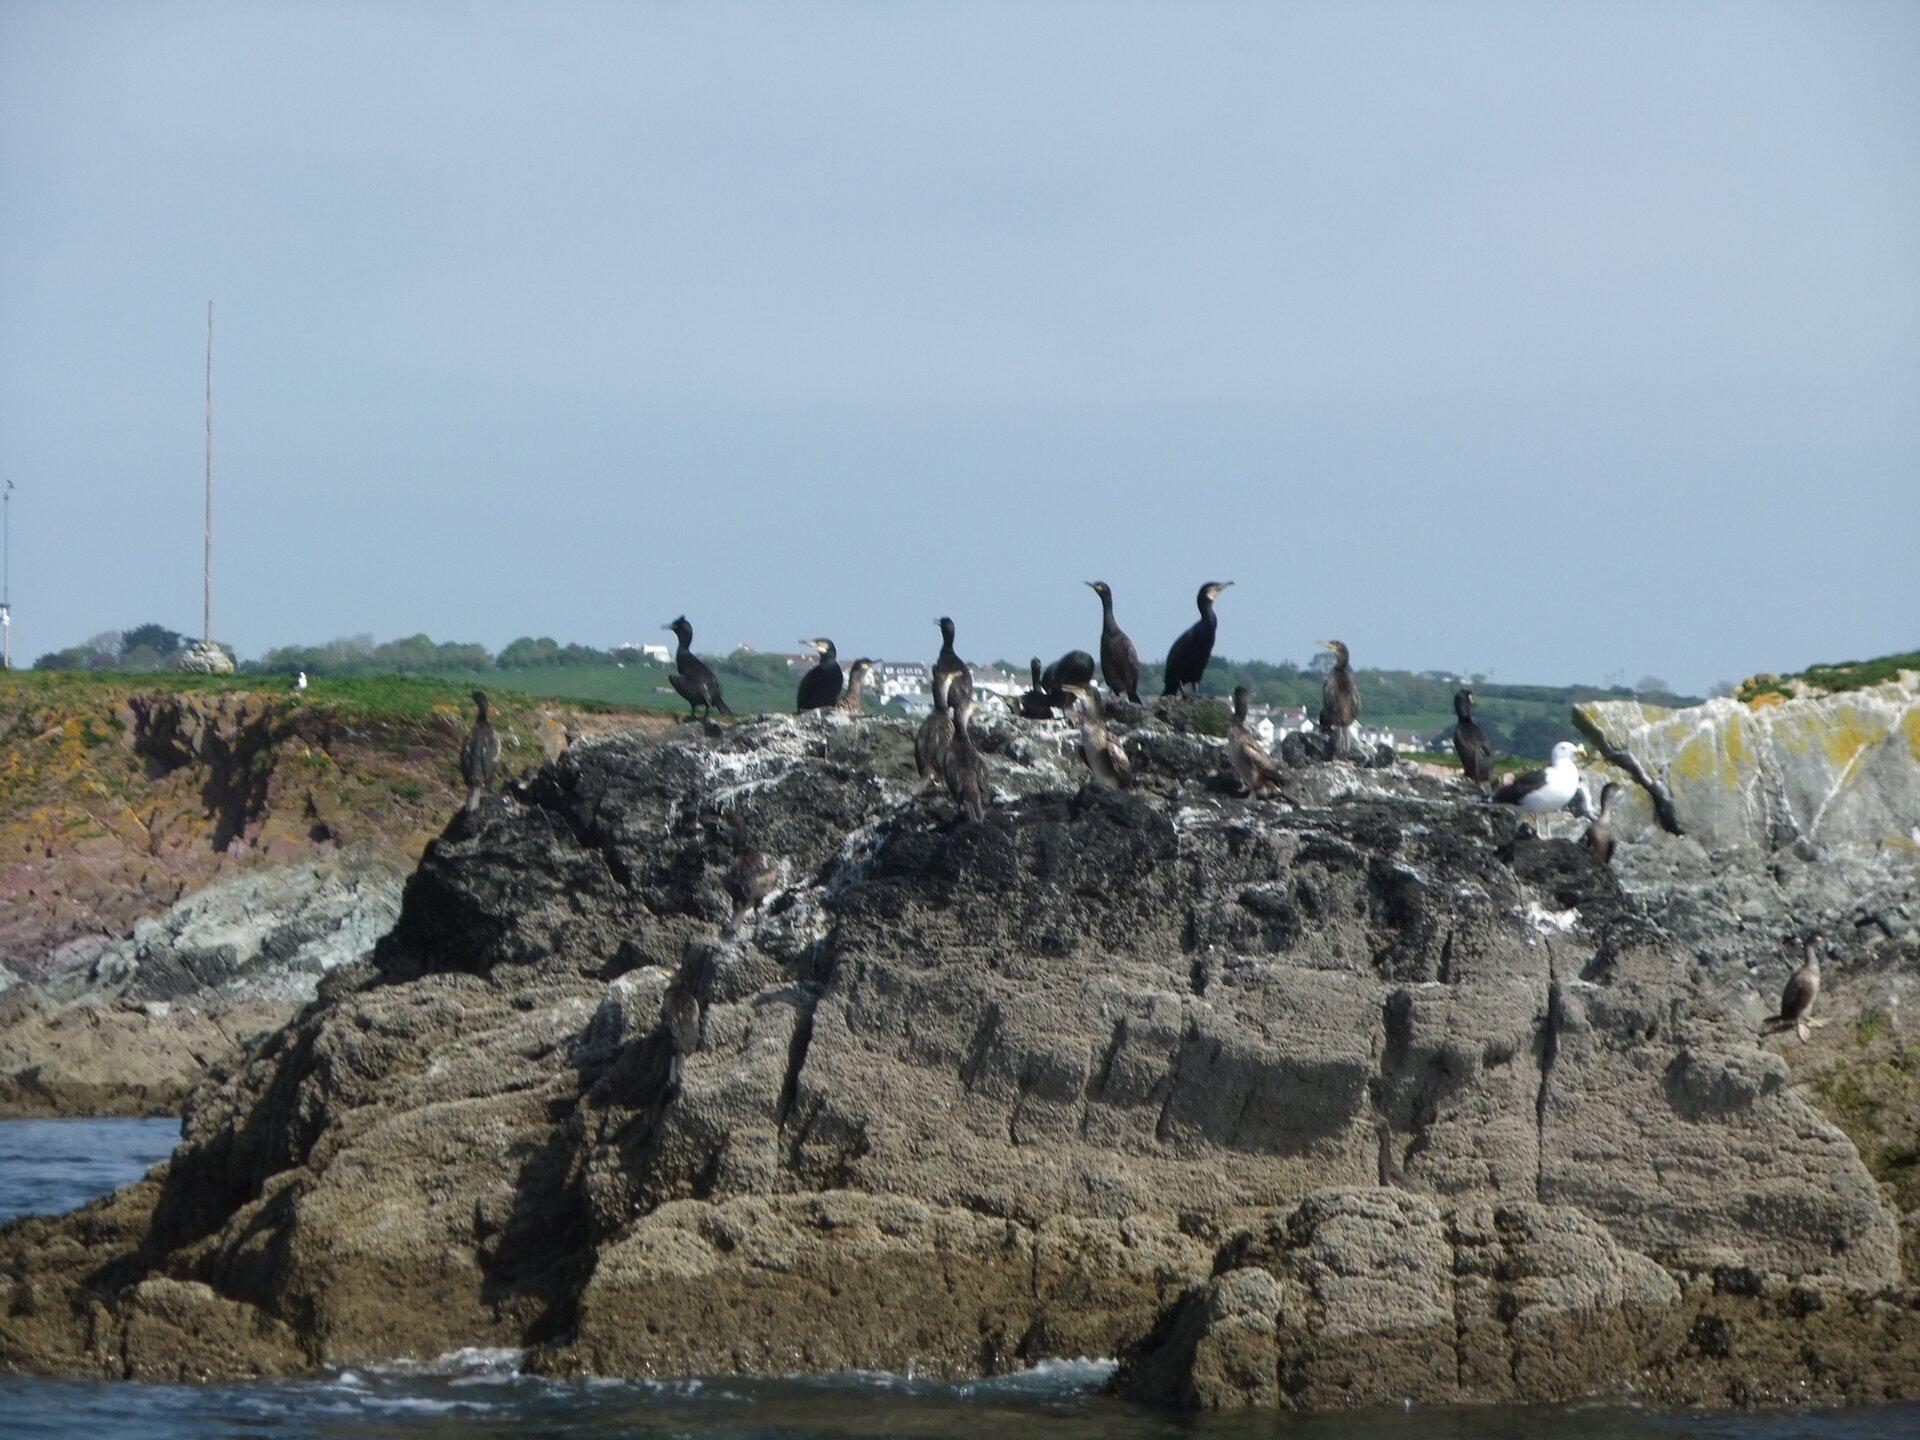 Fotografia przedstawia szare skały, oblewane wodą. Siedzą na nich czarne ptaki zbiałymi policzkami, czyli kormorany. Na skałach białe zacieki ptasich odchodów.